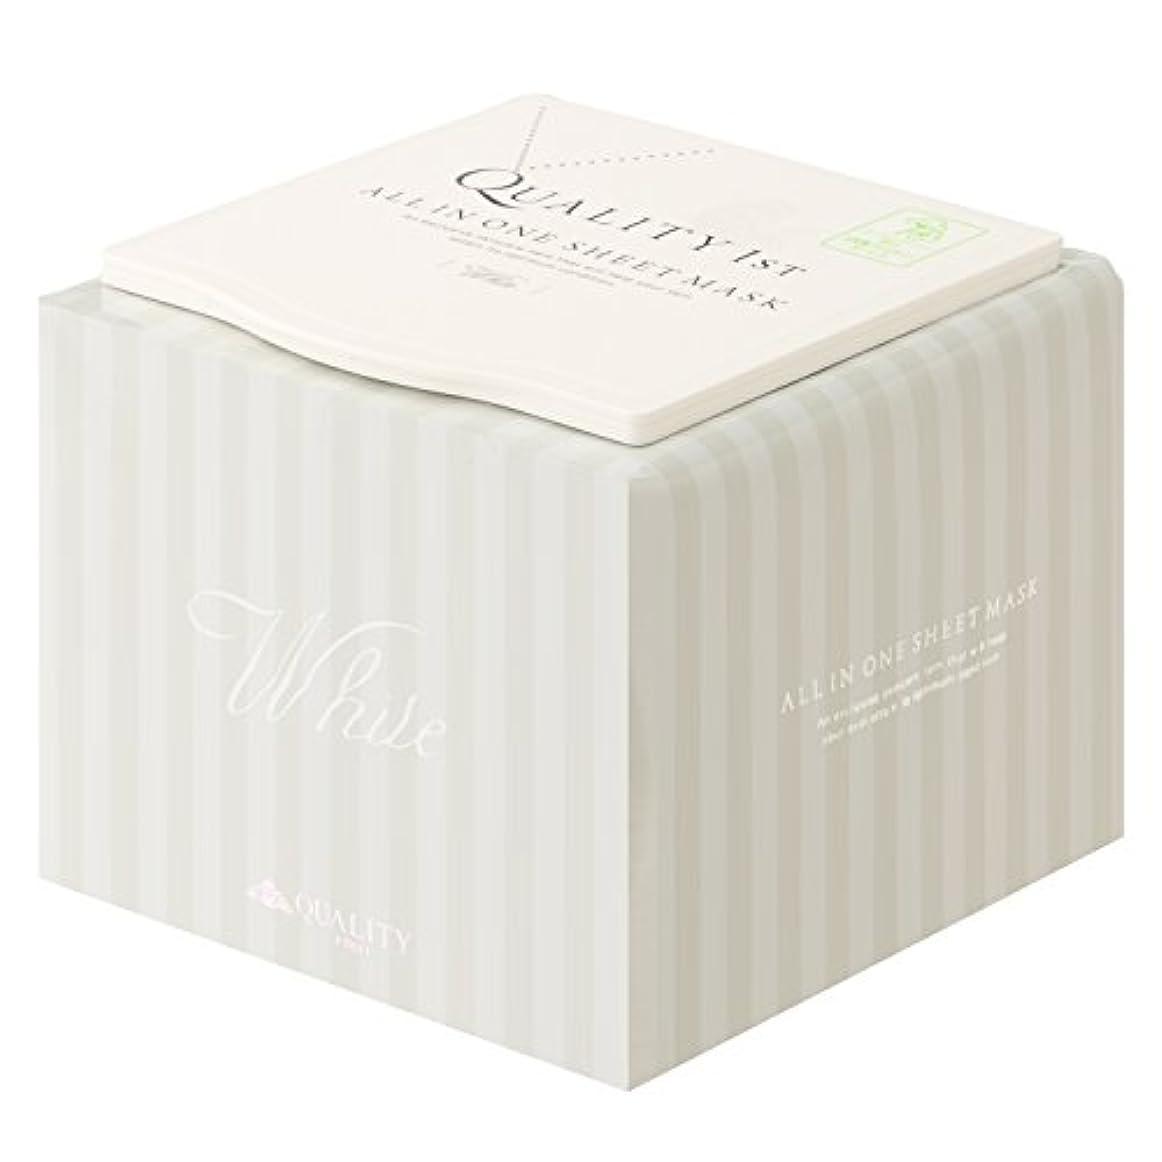 悔い改める除去バックグラウンドオールインワンシートマスク ホワイトEX (30枚) BOX